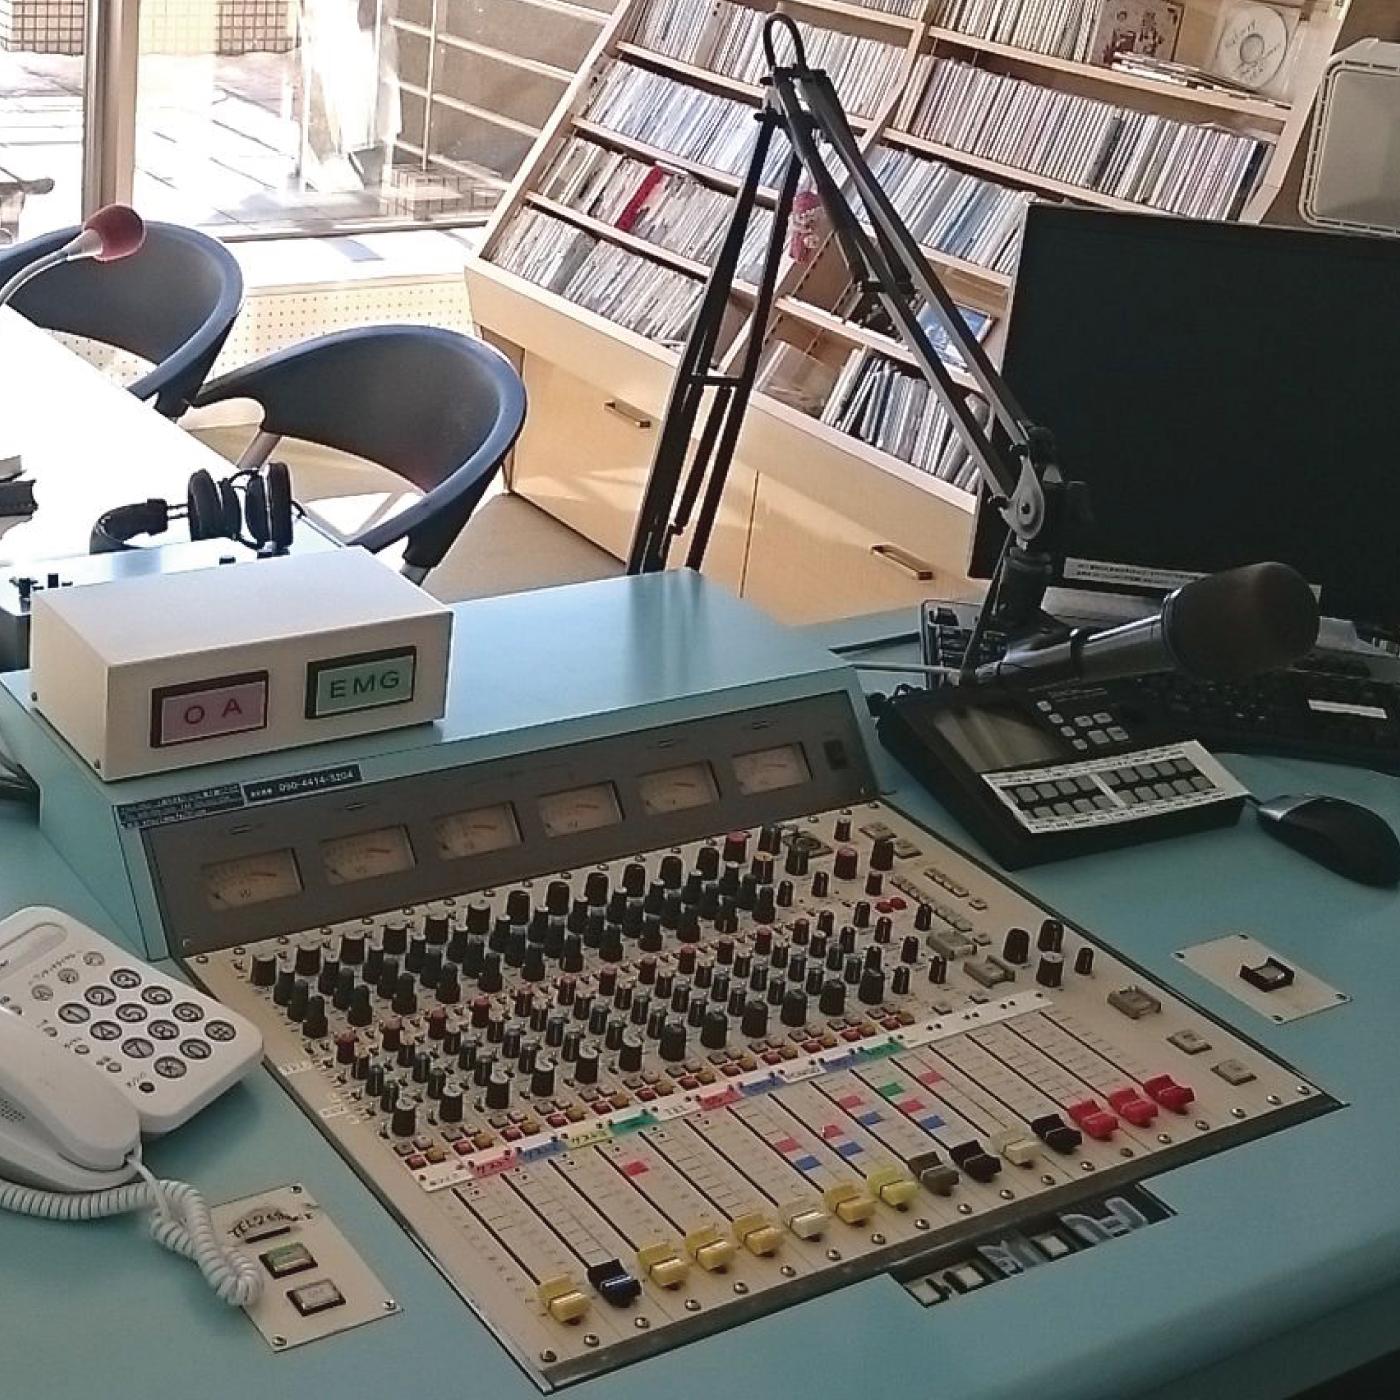 FM-J 上越に愛ターン